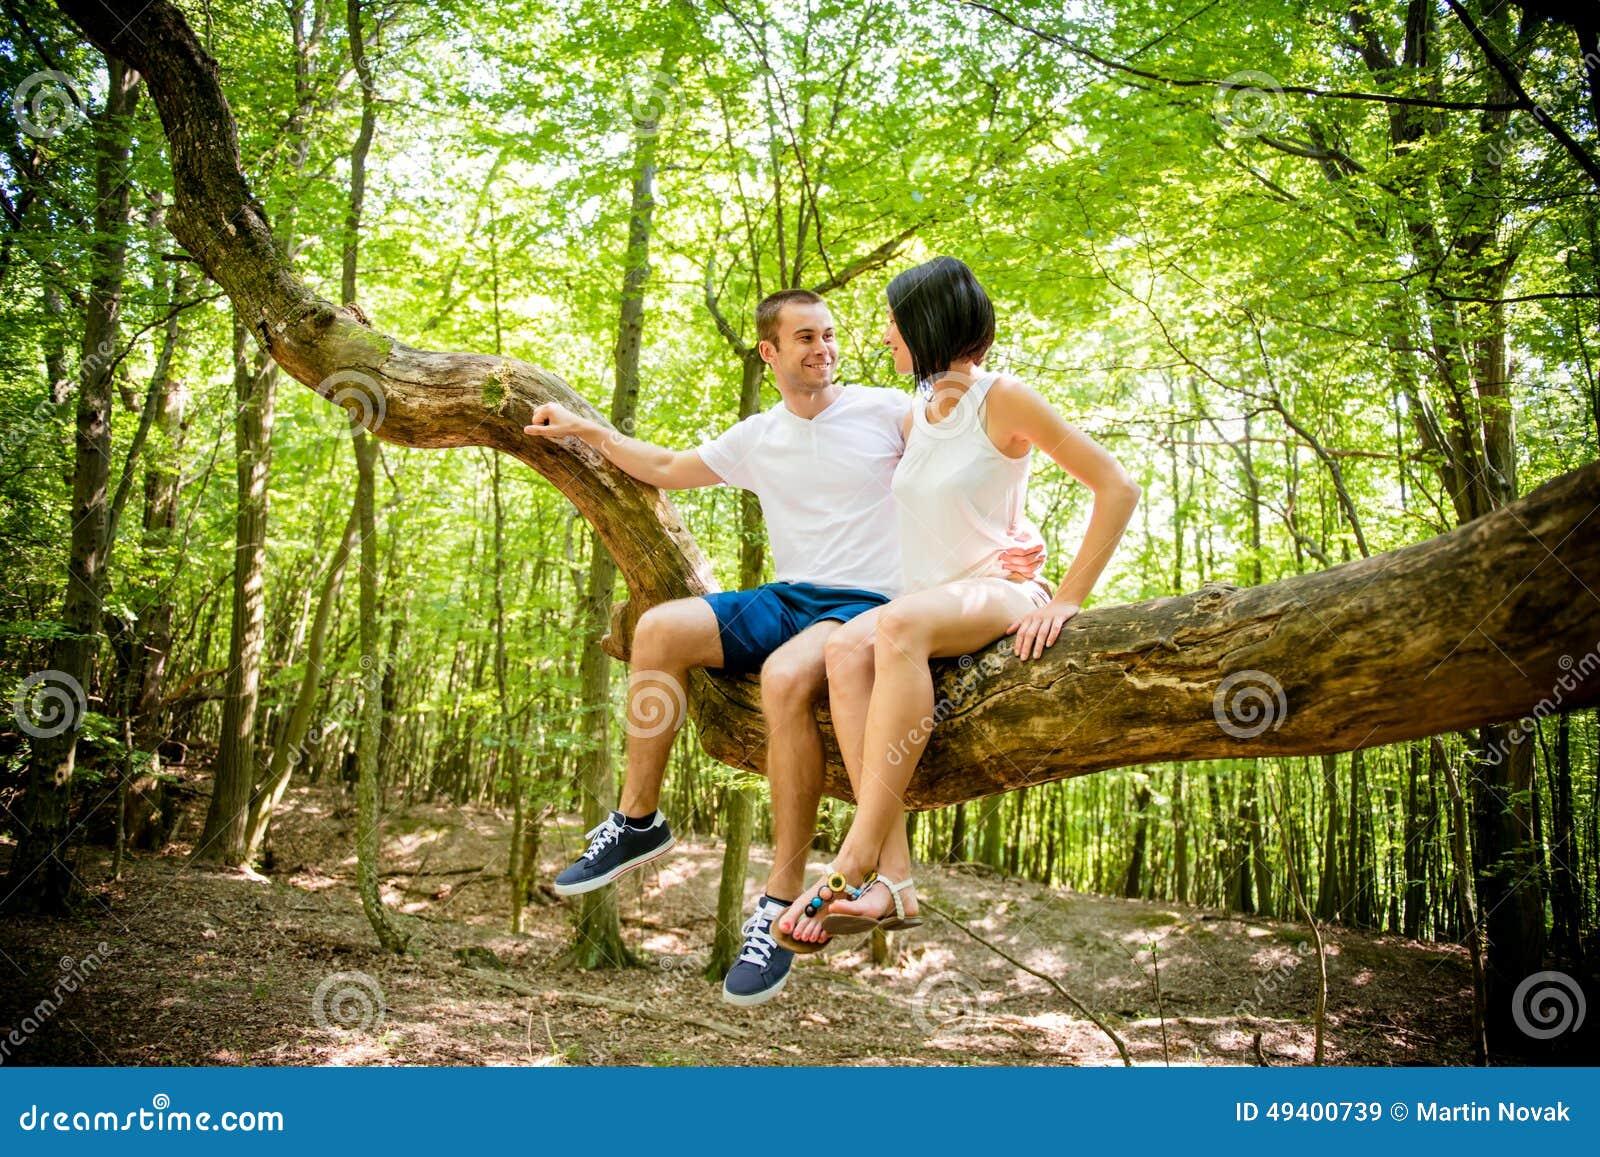 Download Liebe - Datum am Baum stockbild. Bild von glück, person - 49400739